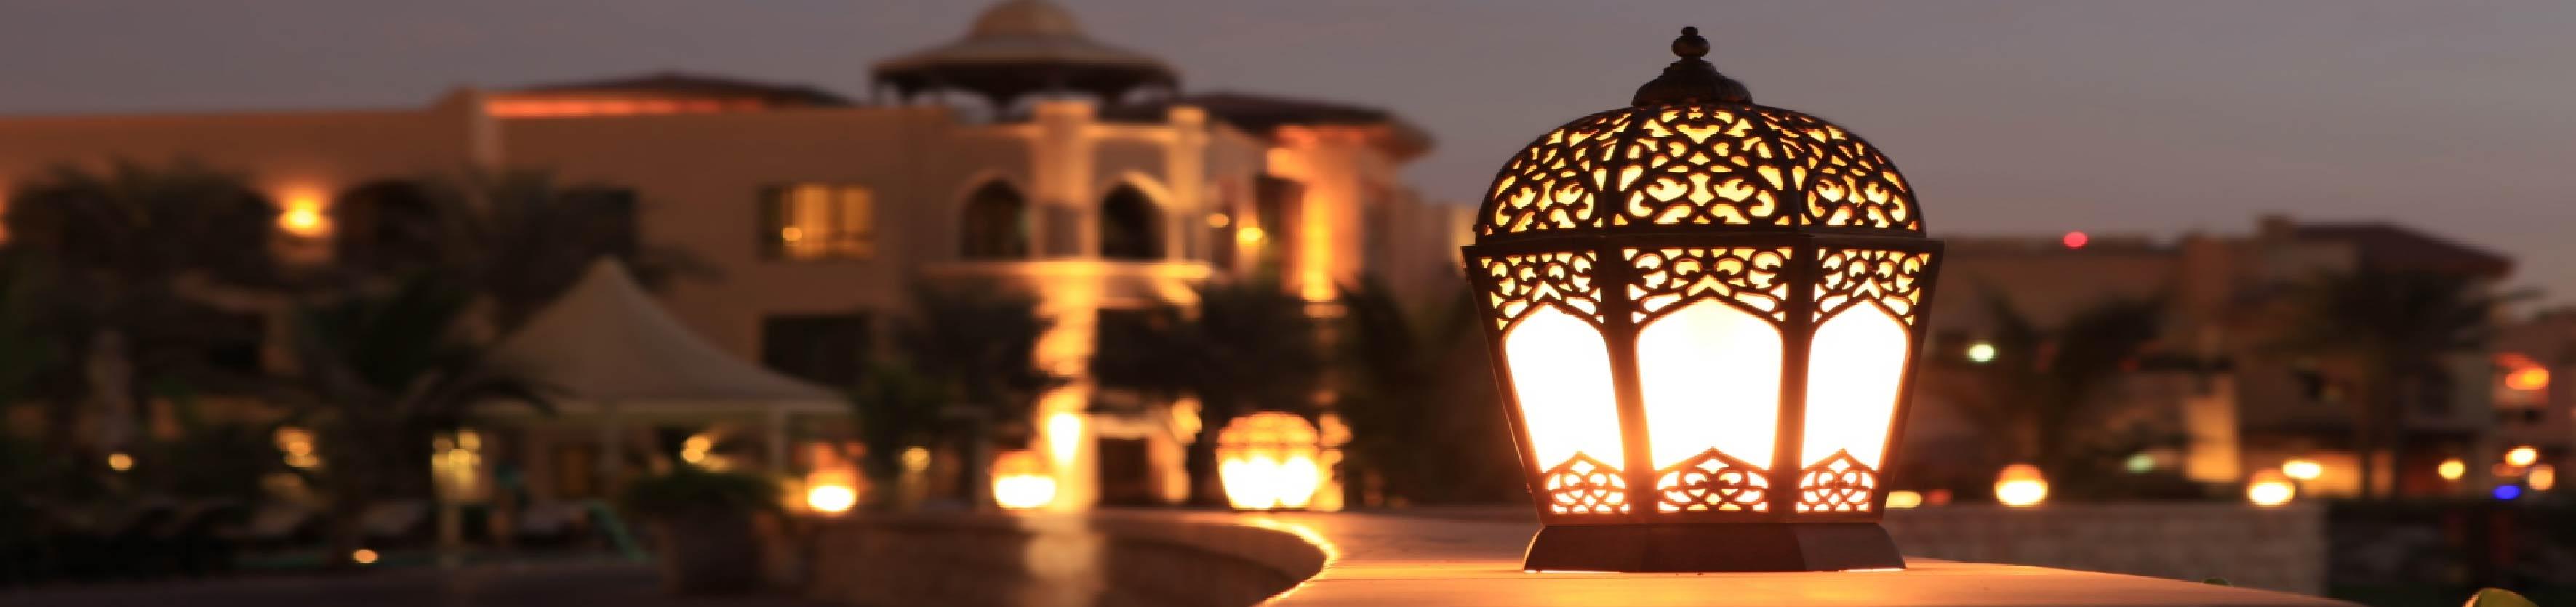 تعرف على التقاليد المختلفة لشهر رمضان حول العالم